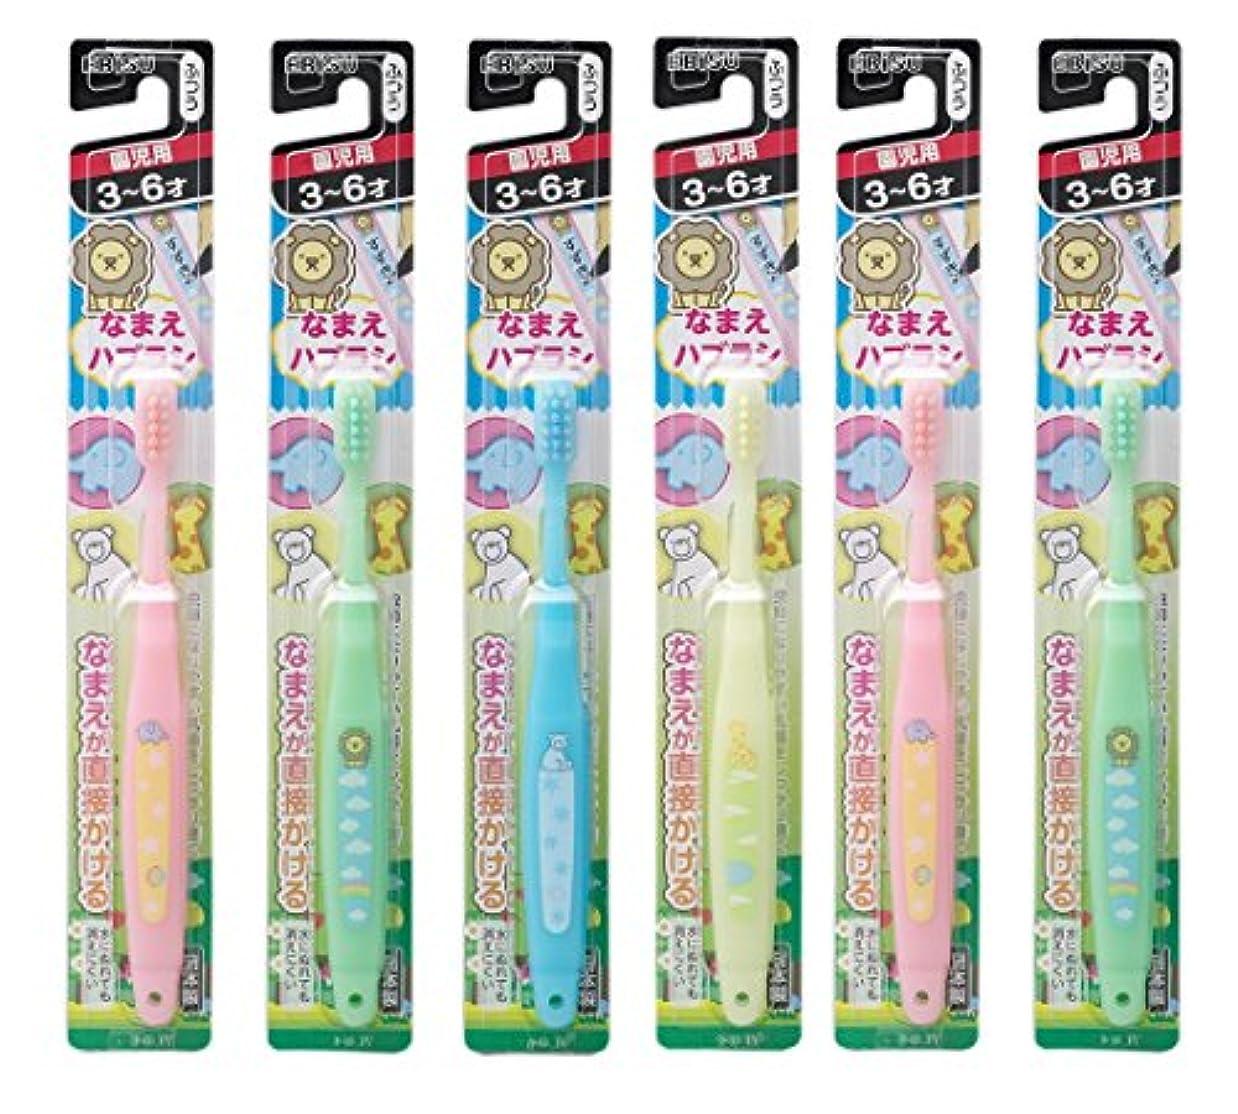 名誉あるペースト満足できるエビス 歯ブラシ なまえハブラシ 6本組(色おまかせ)